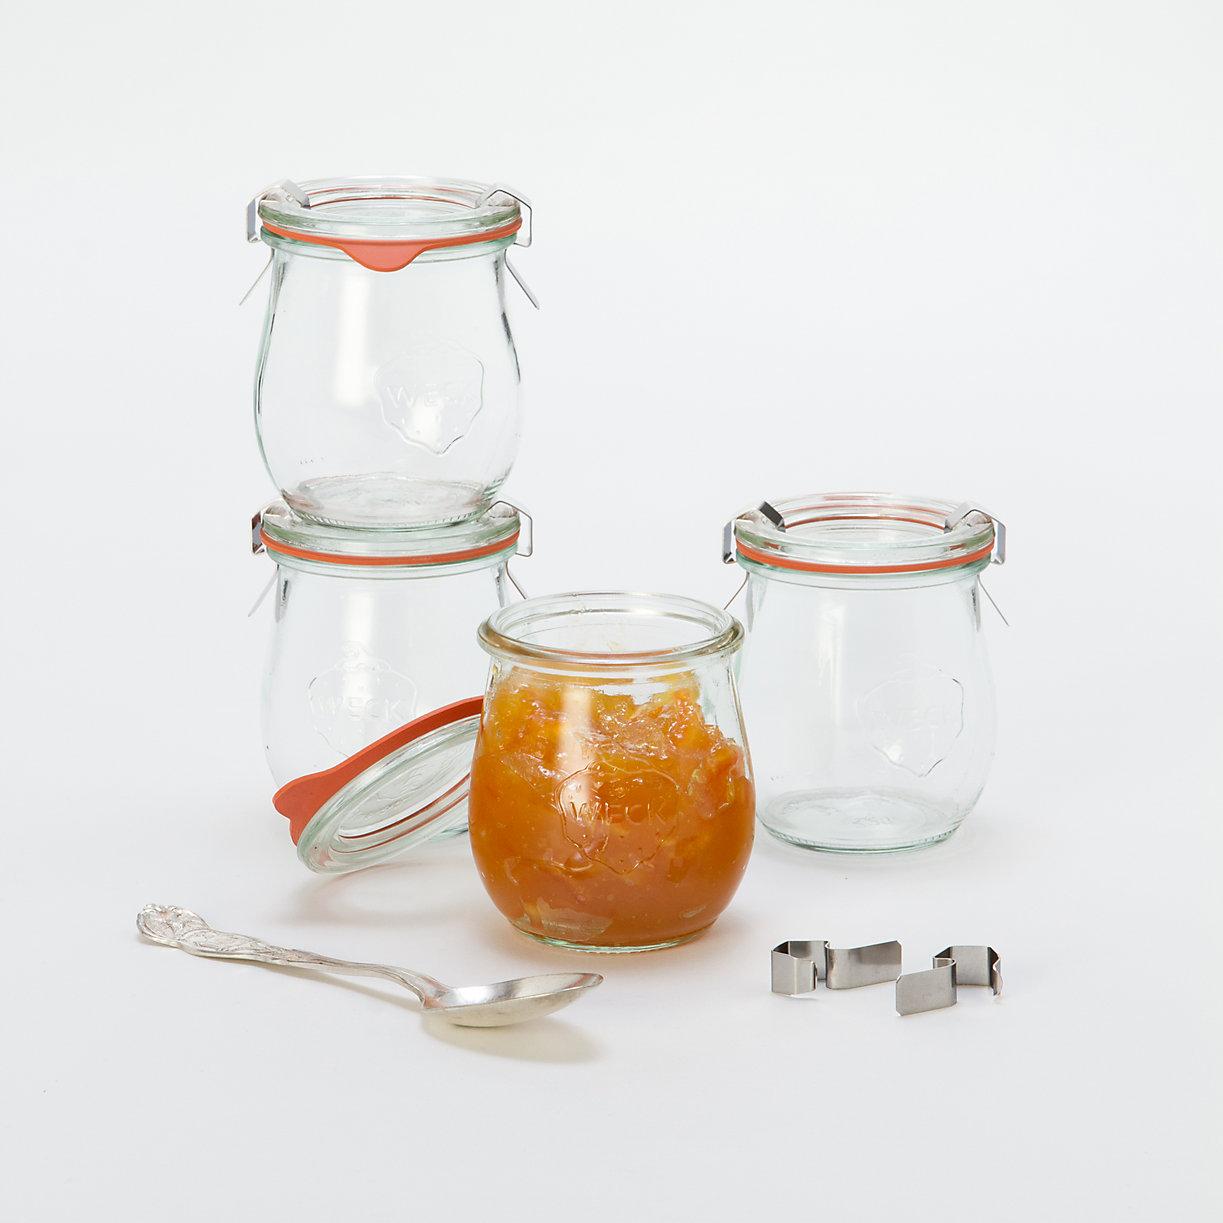 7.4 oz Weck Jar Set